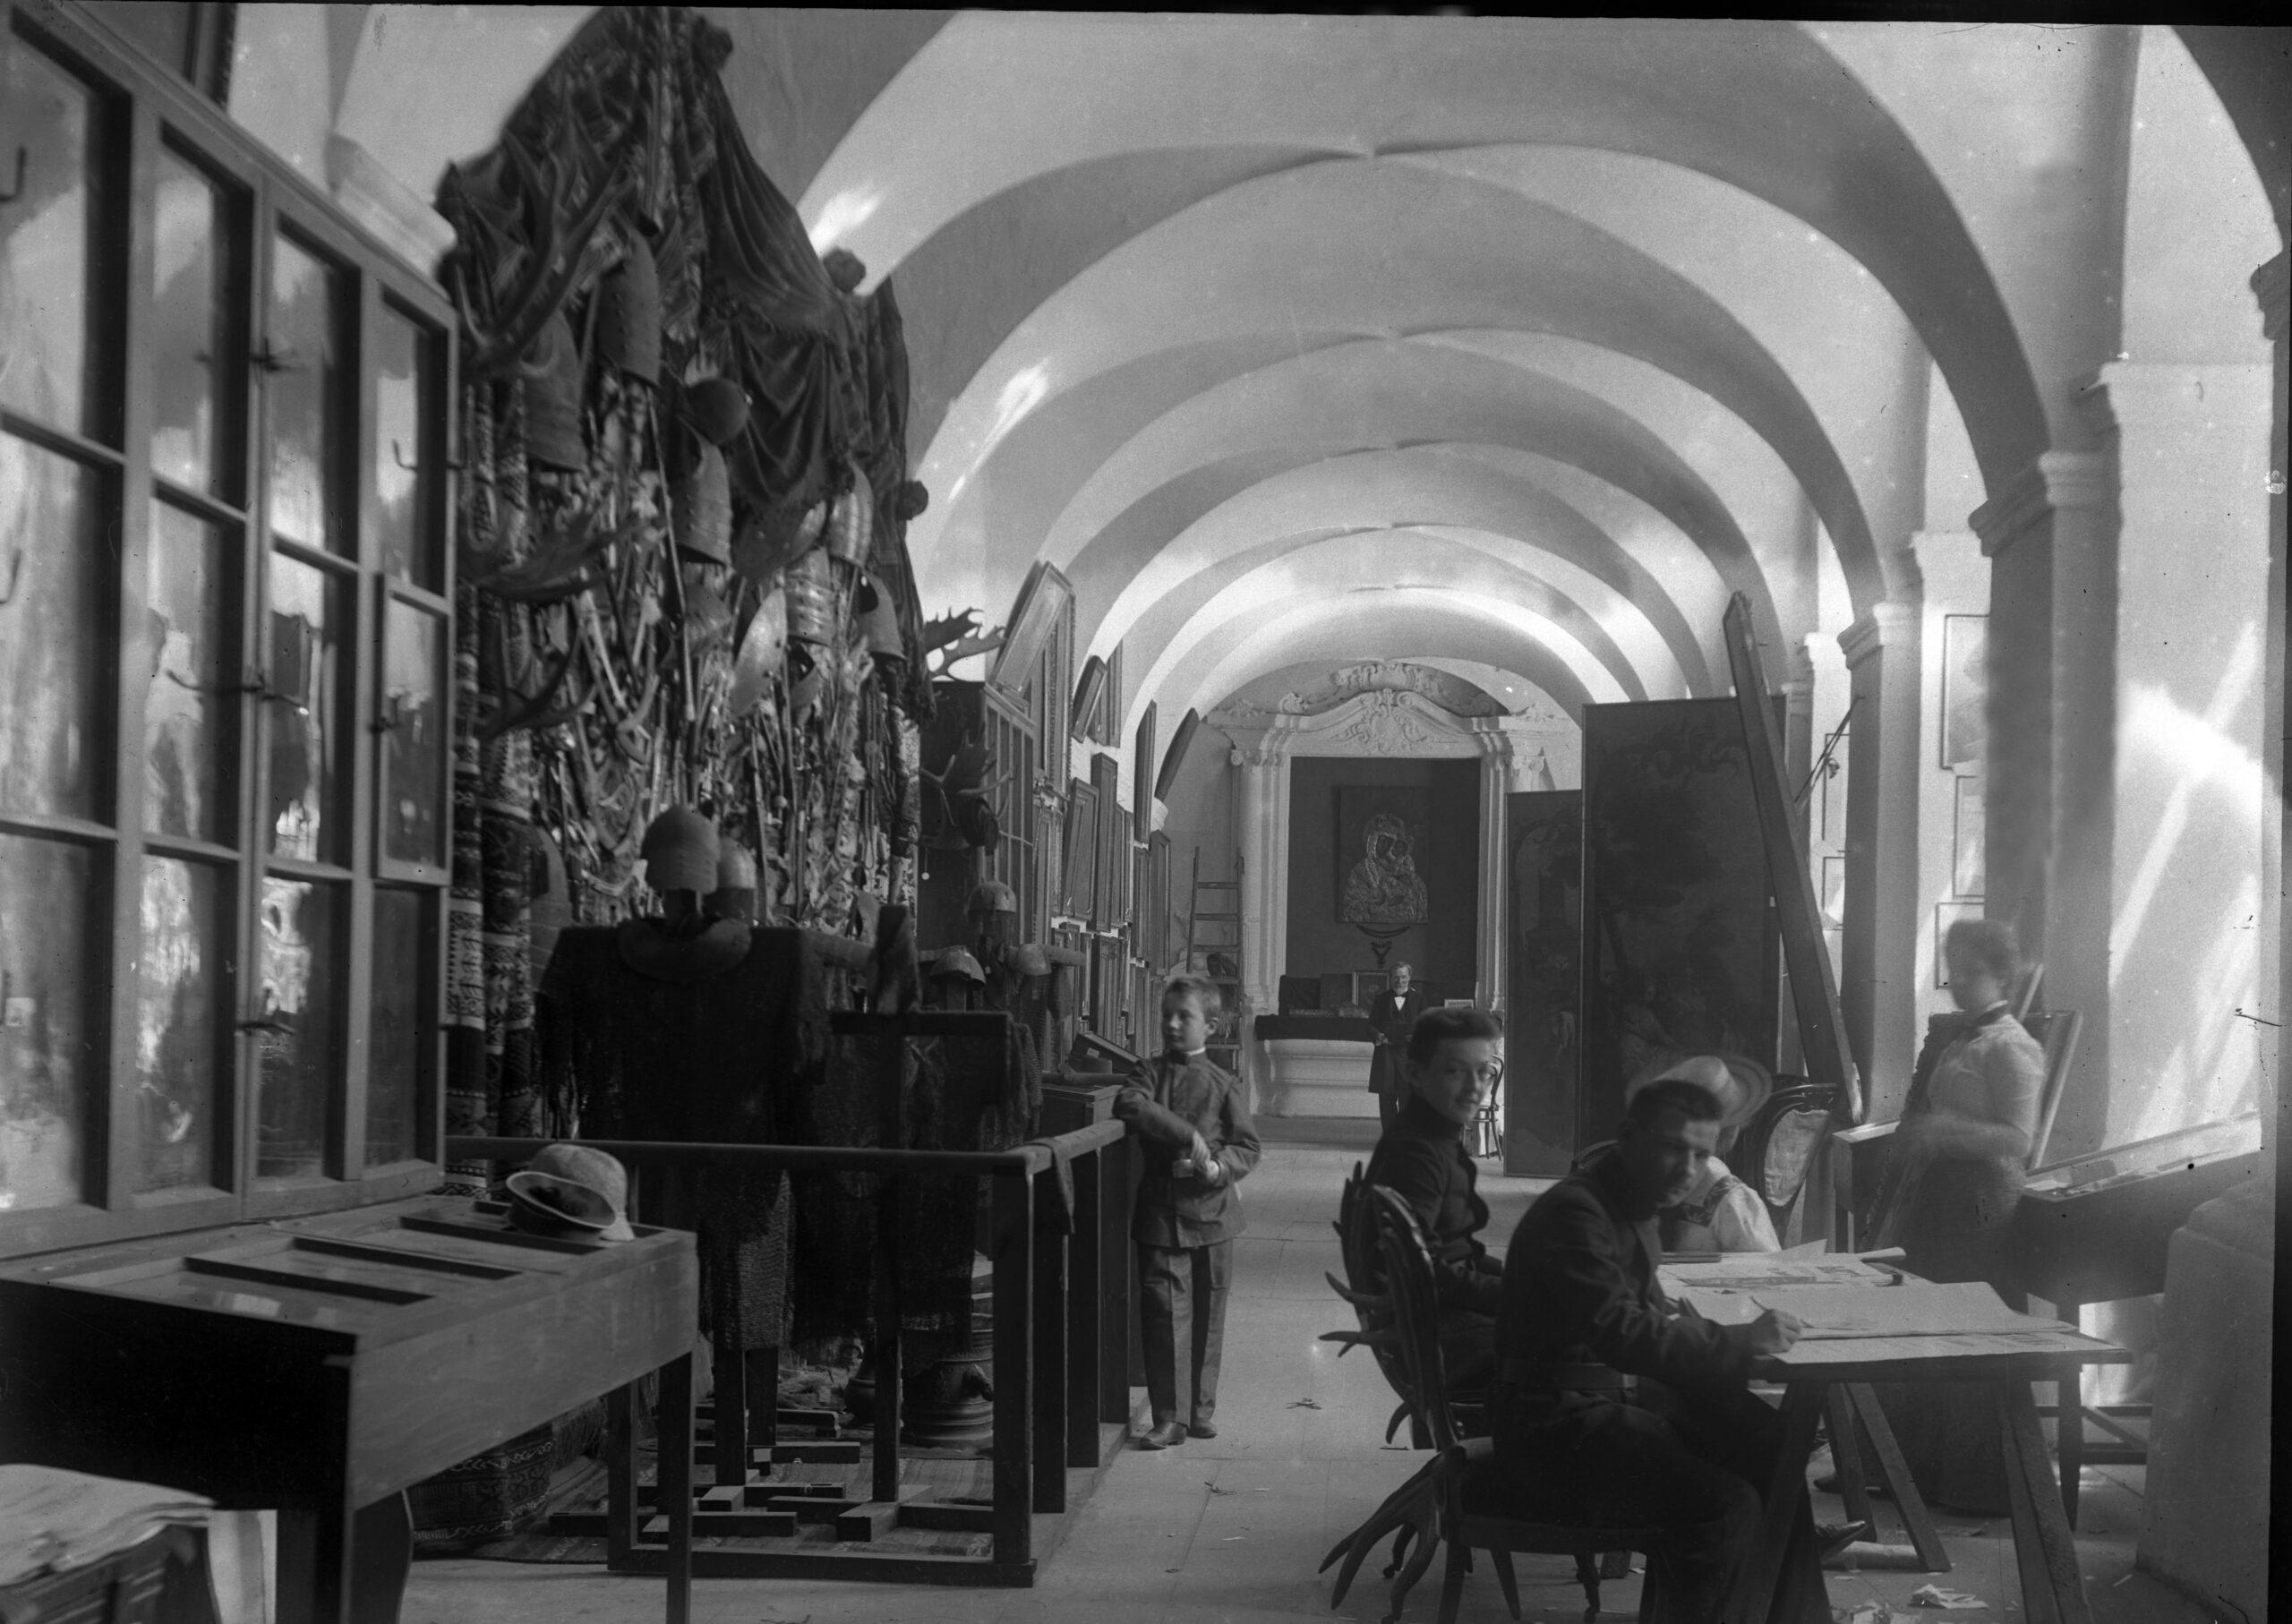 Czarnobiała fotografia ekspozycji muzealnej. Po prawej przy stołach siedzące osoby, po lewej gabloty i eksponaty zawieszone na ścianach.